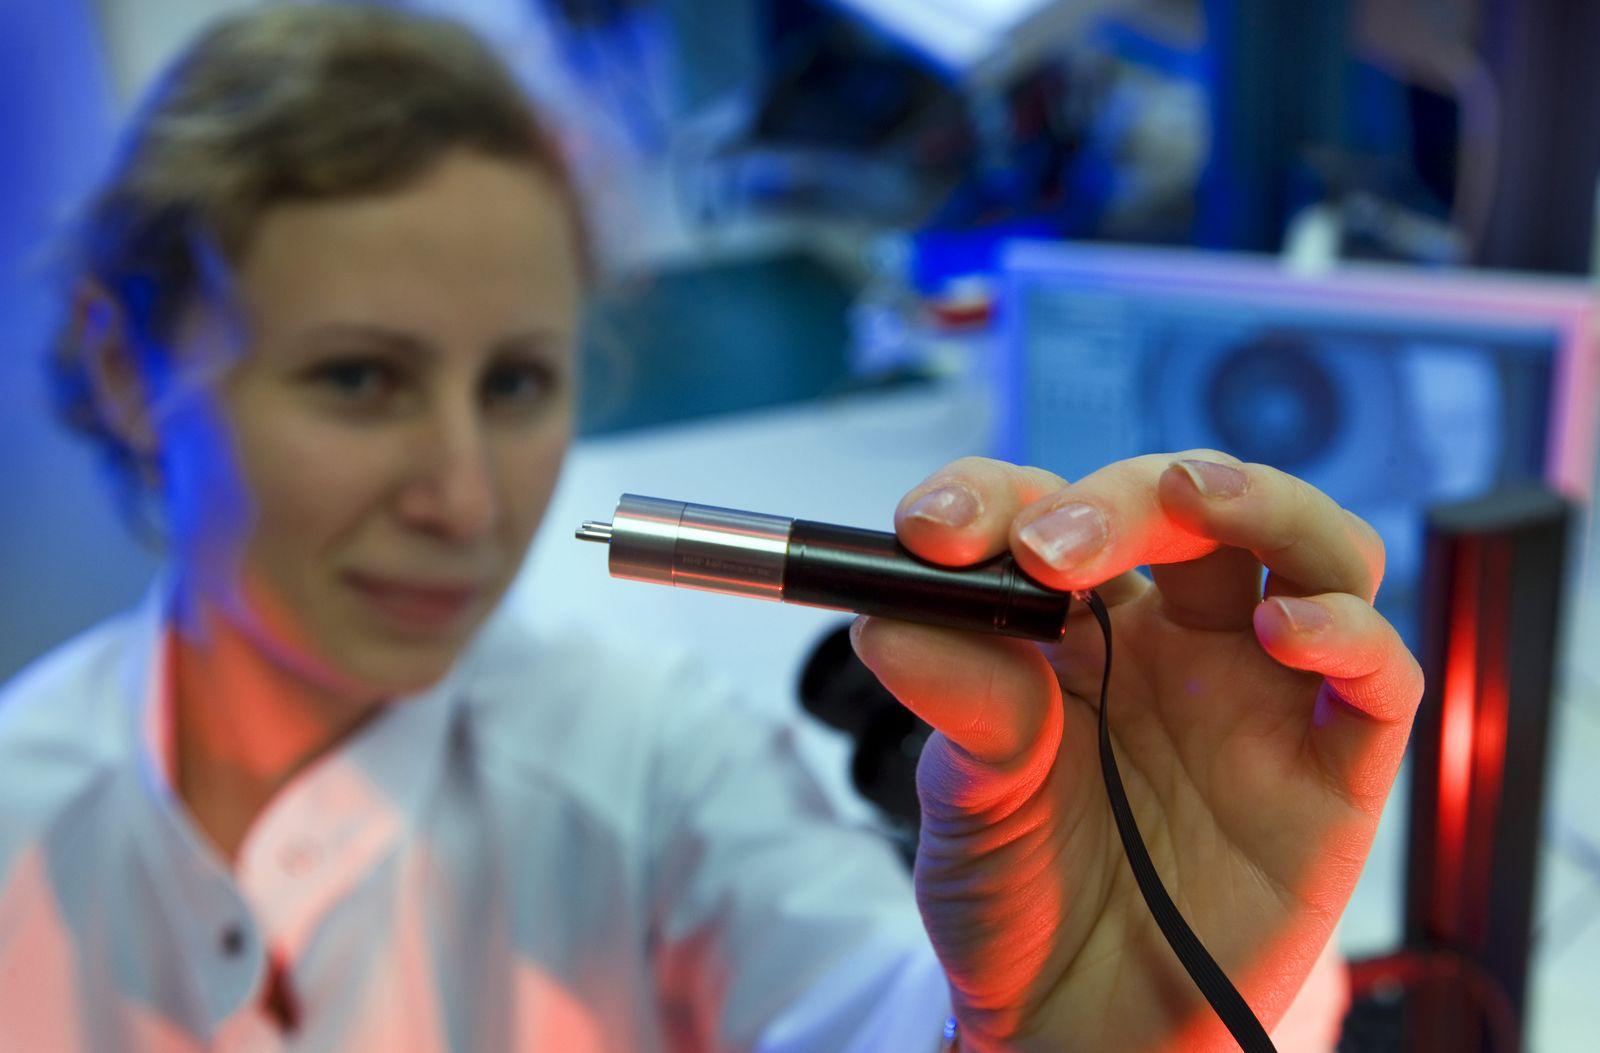 Minipumpen für Medizintechnik